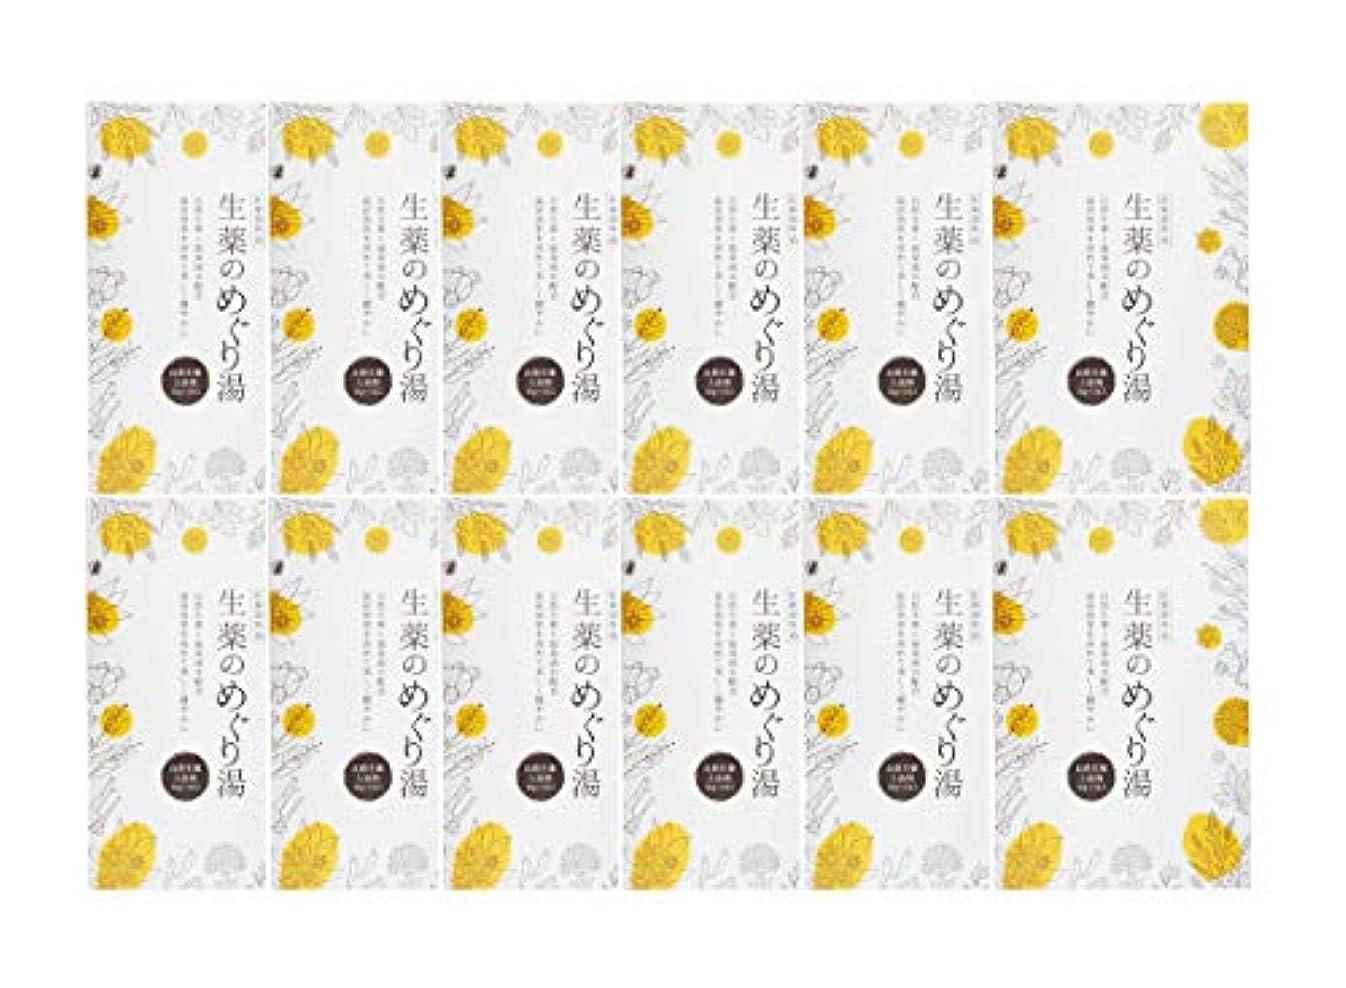 パリティ葉っぱリズミカルな松田医薬品 生薬のめぐり湯 30g 12個セット